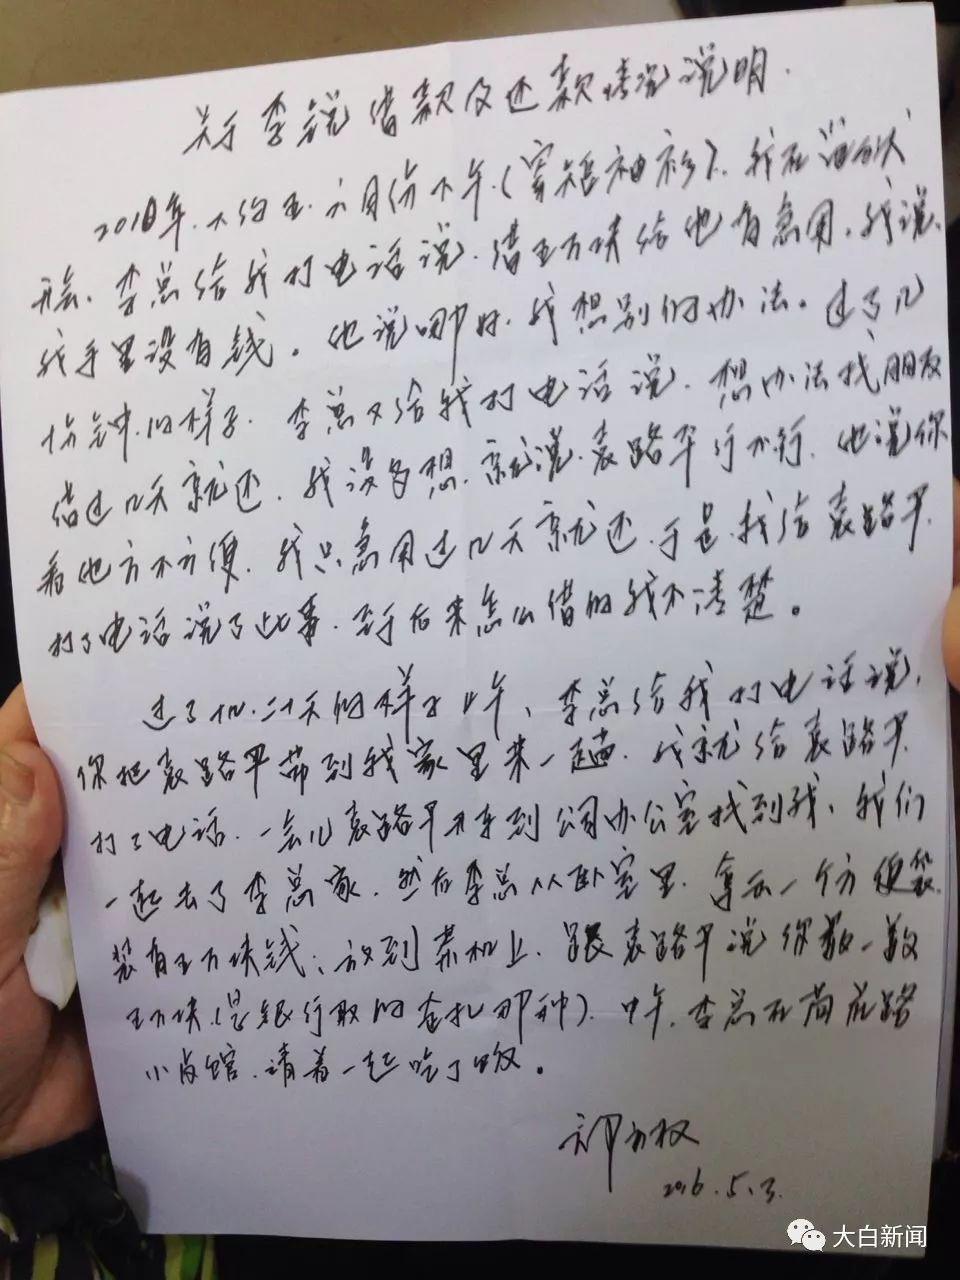 图为祁方权手写的关于乞贷的情形说明